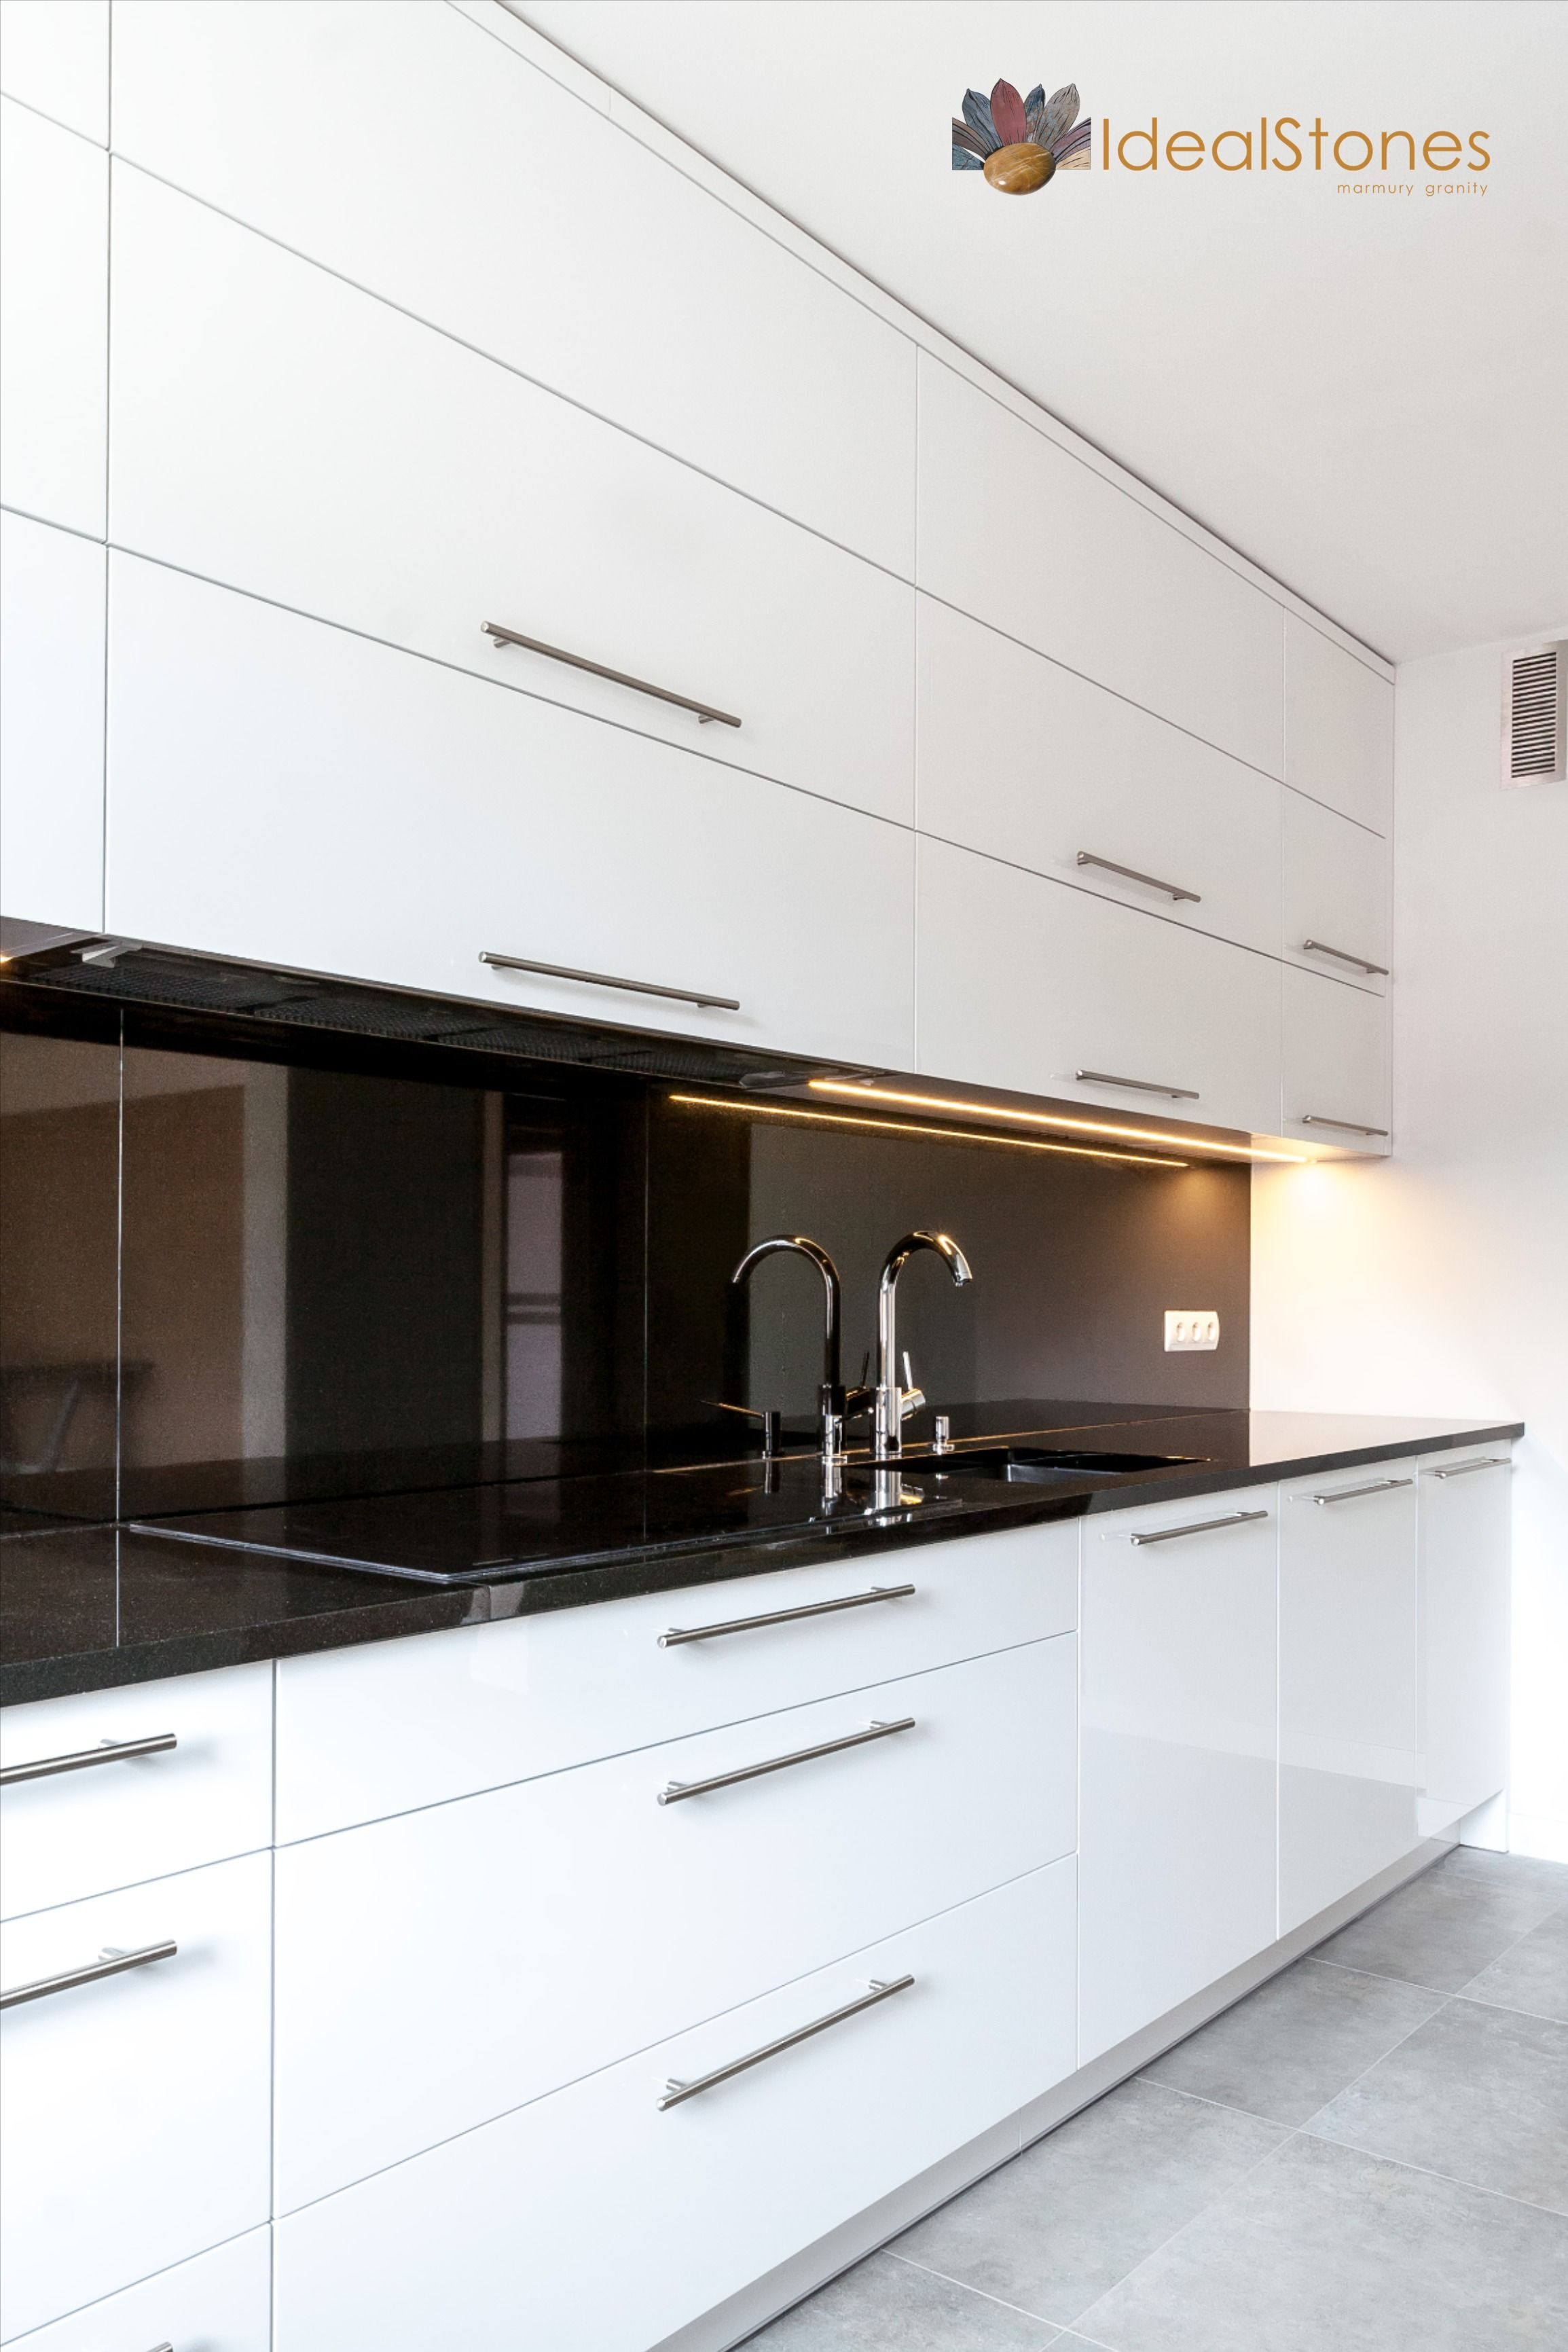 Blat Granitowy I Panel Scienny W Kolorze Czarnym Z Kamienia Naturalnego Do Kuchni Kitchen Kitchen Cabinets Decor